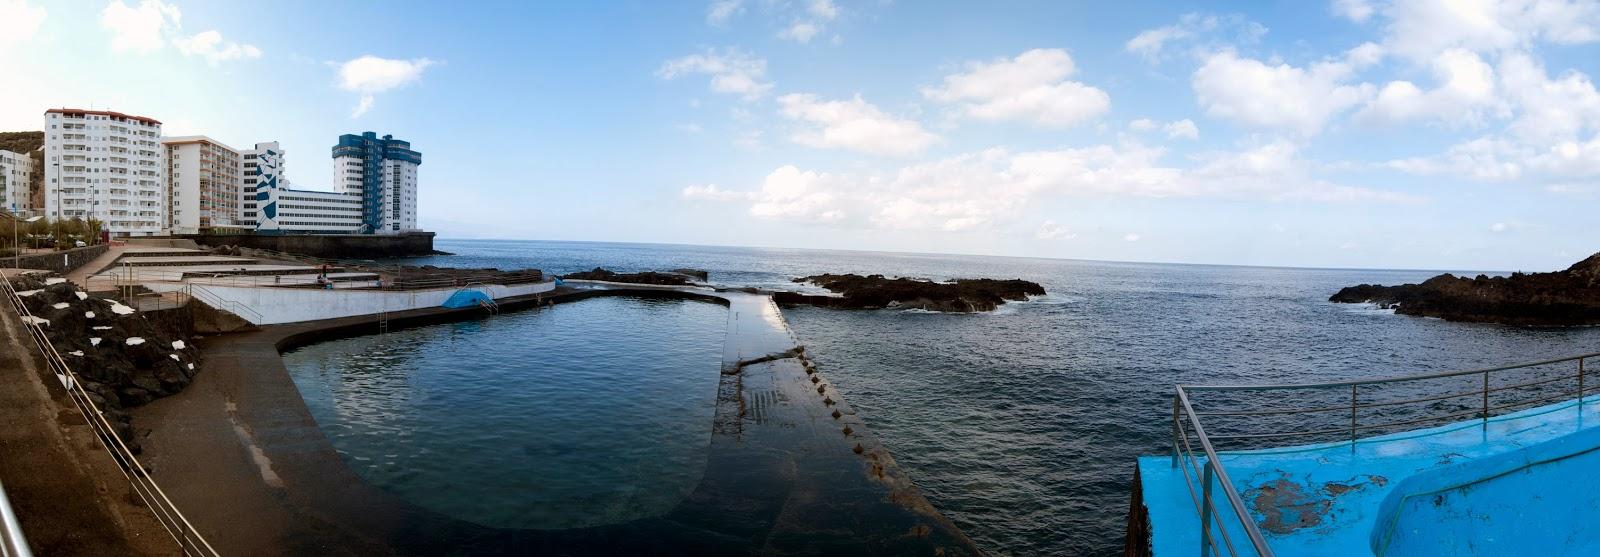 Un paseo por tu pueblo Tenerife  Tacoronte  Mesa del